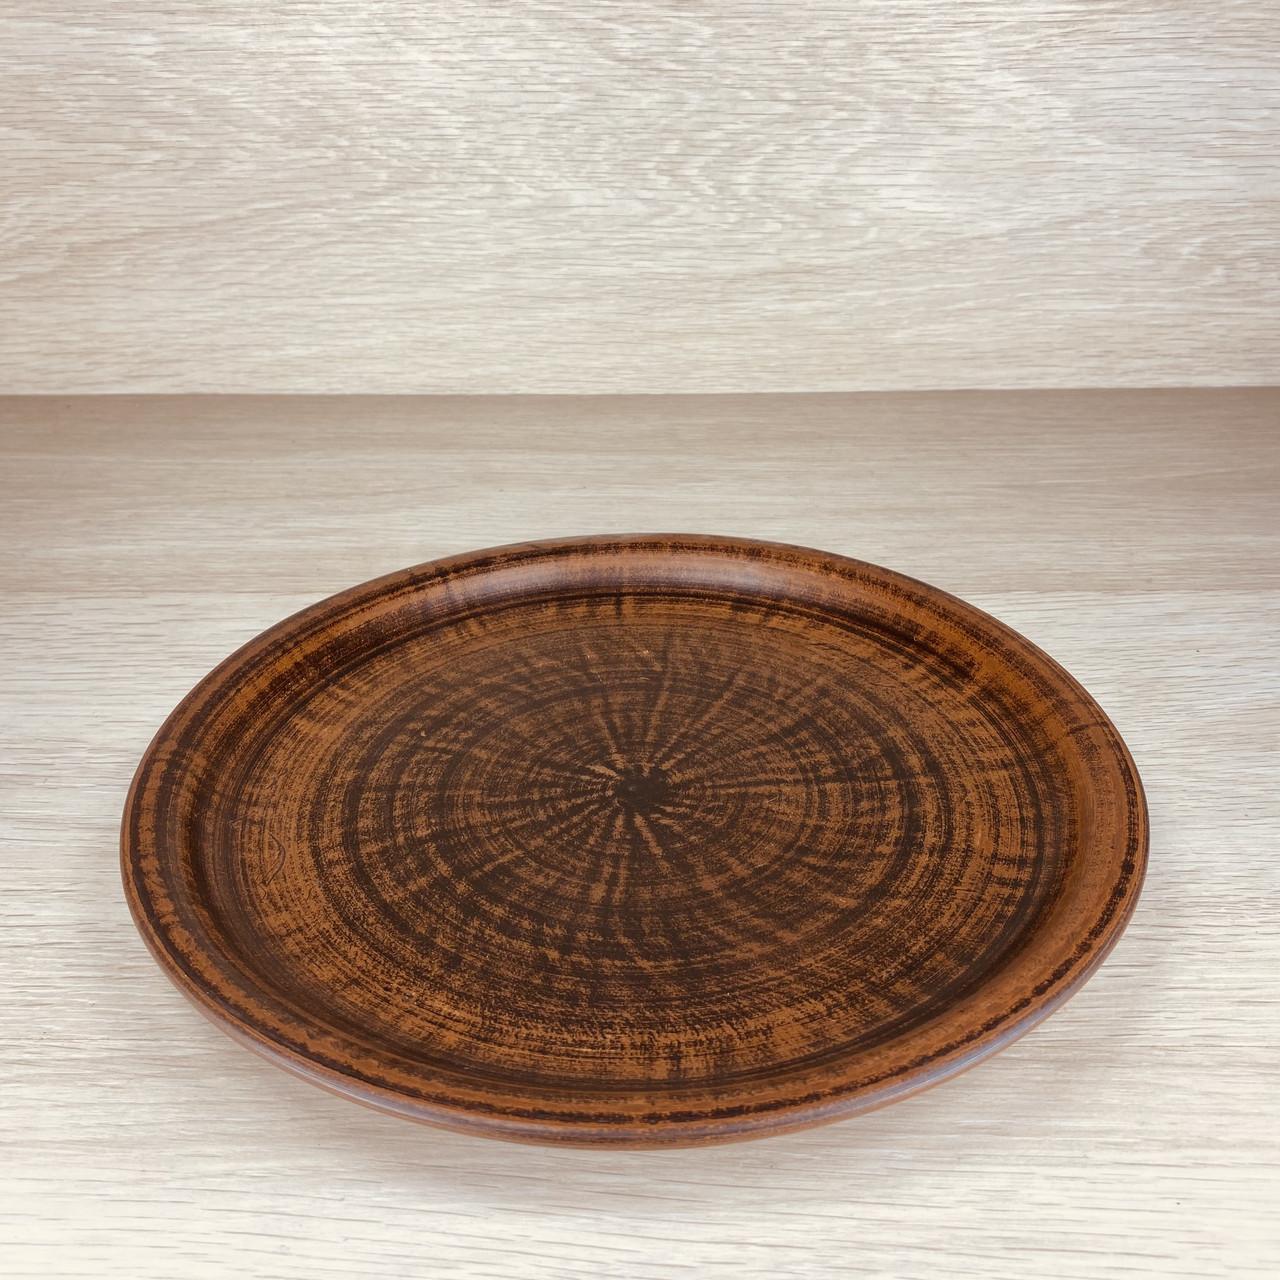 Тарілка з червоної глини велика, діаметр 25 см